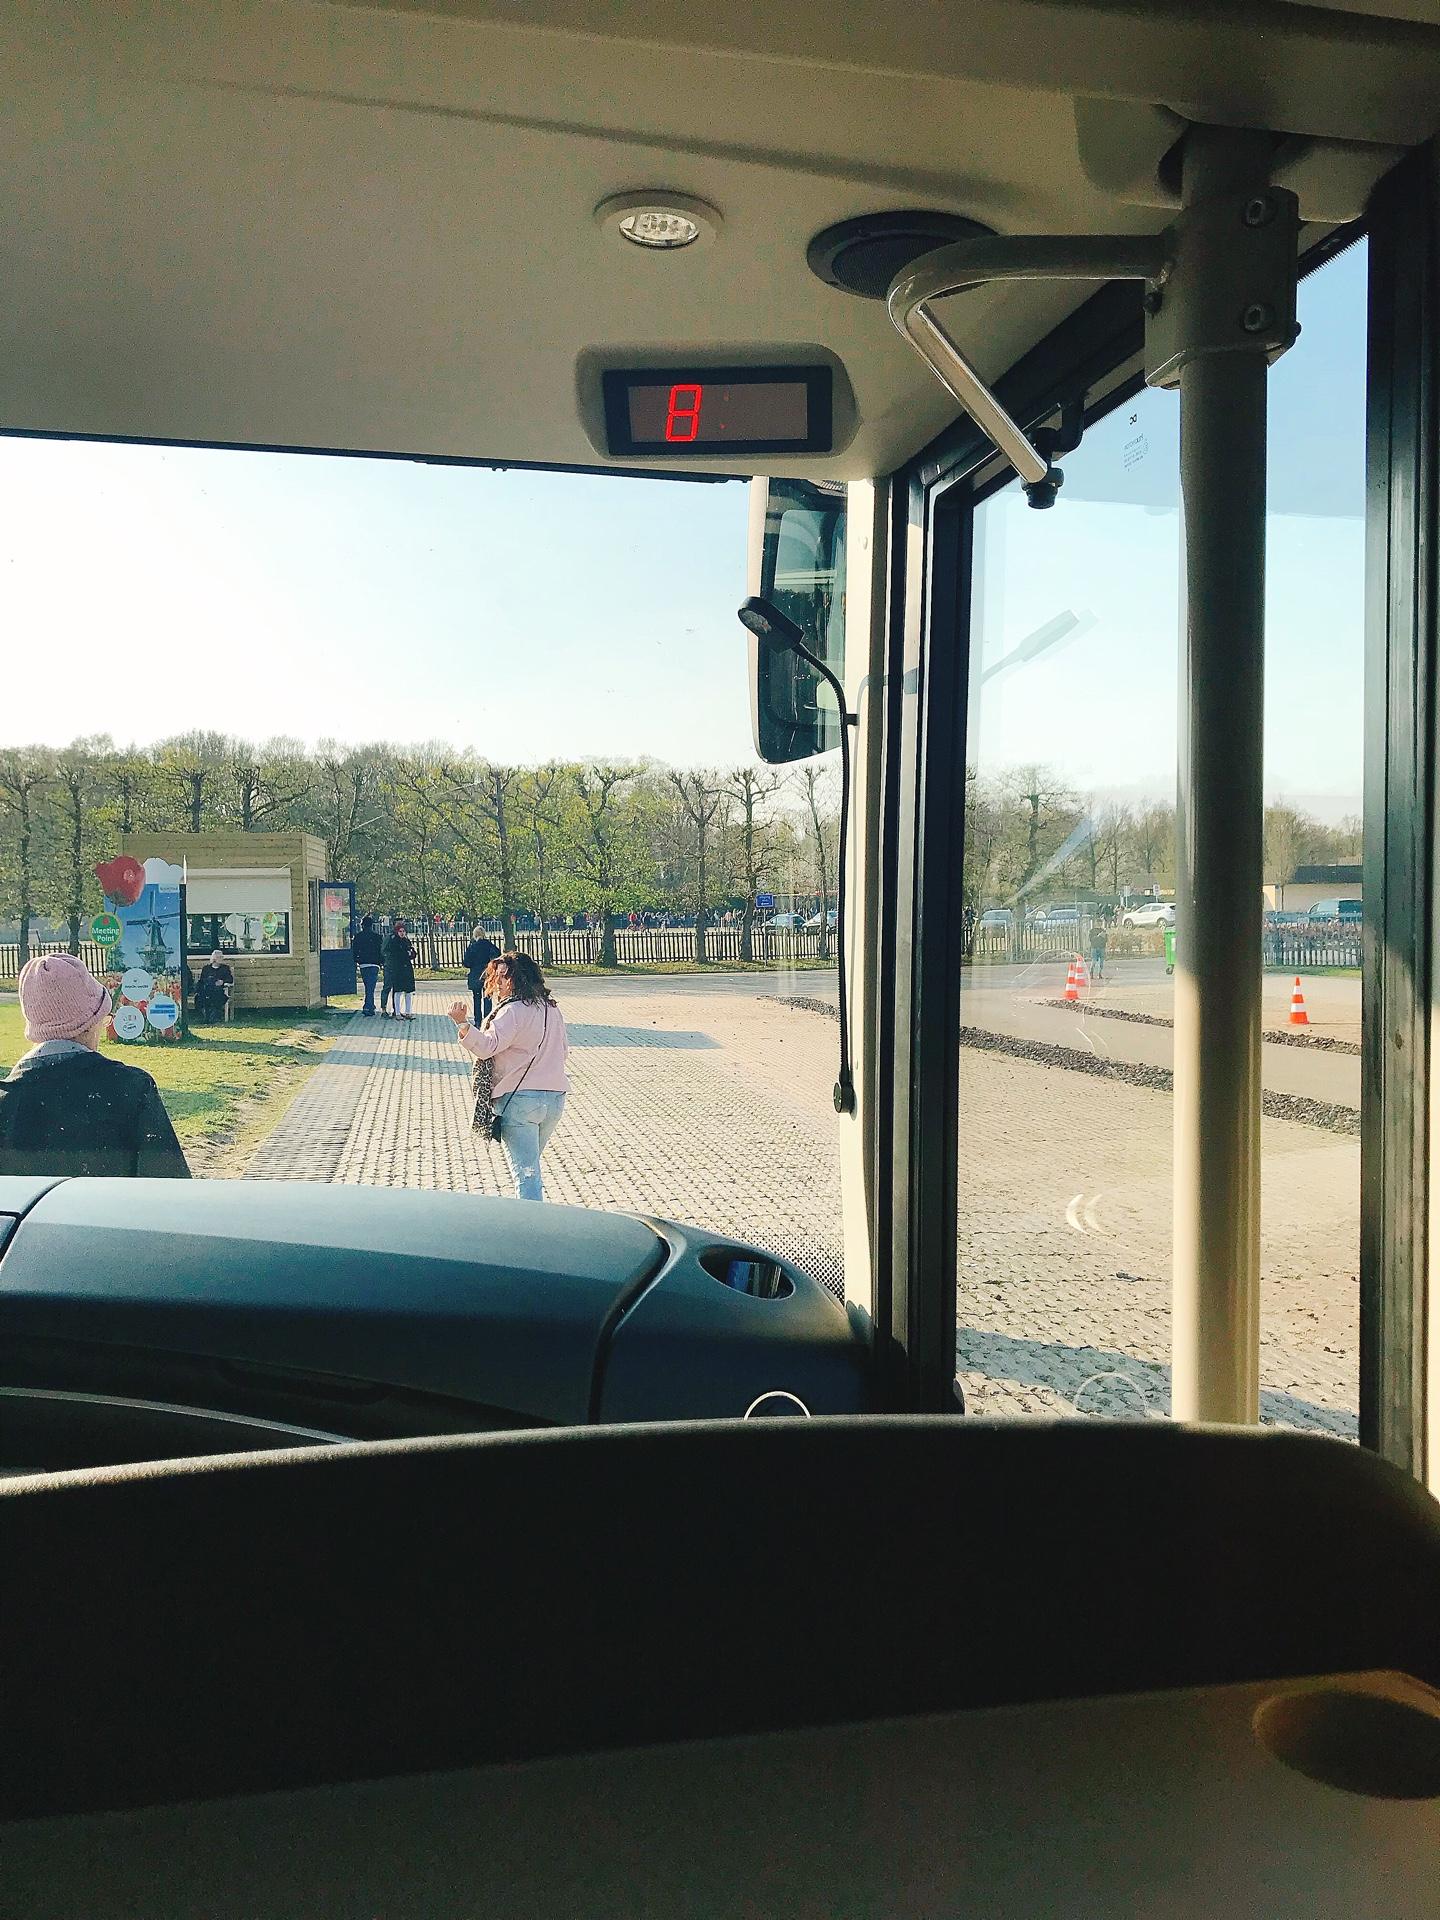 オランダ アムステルダム キューケンホフ公園前のバス停